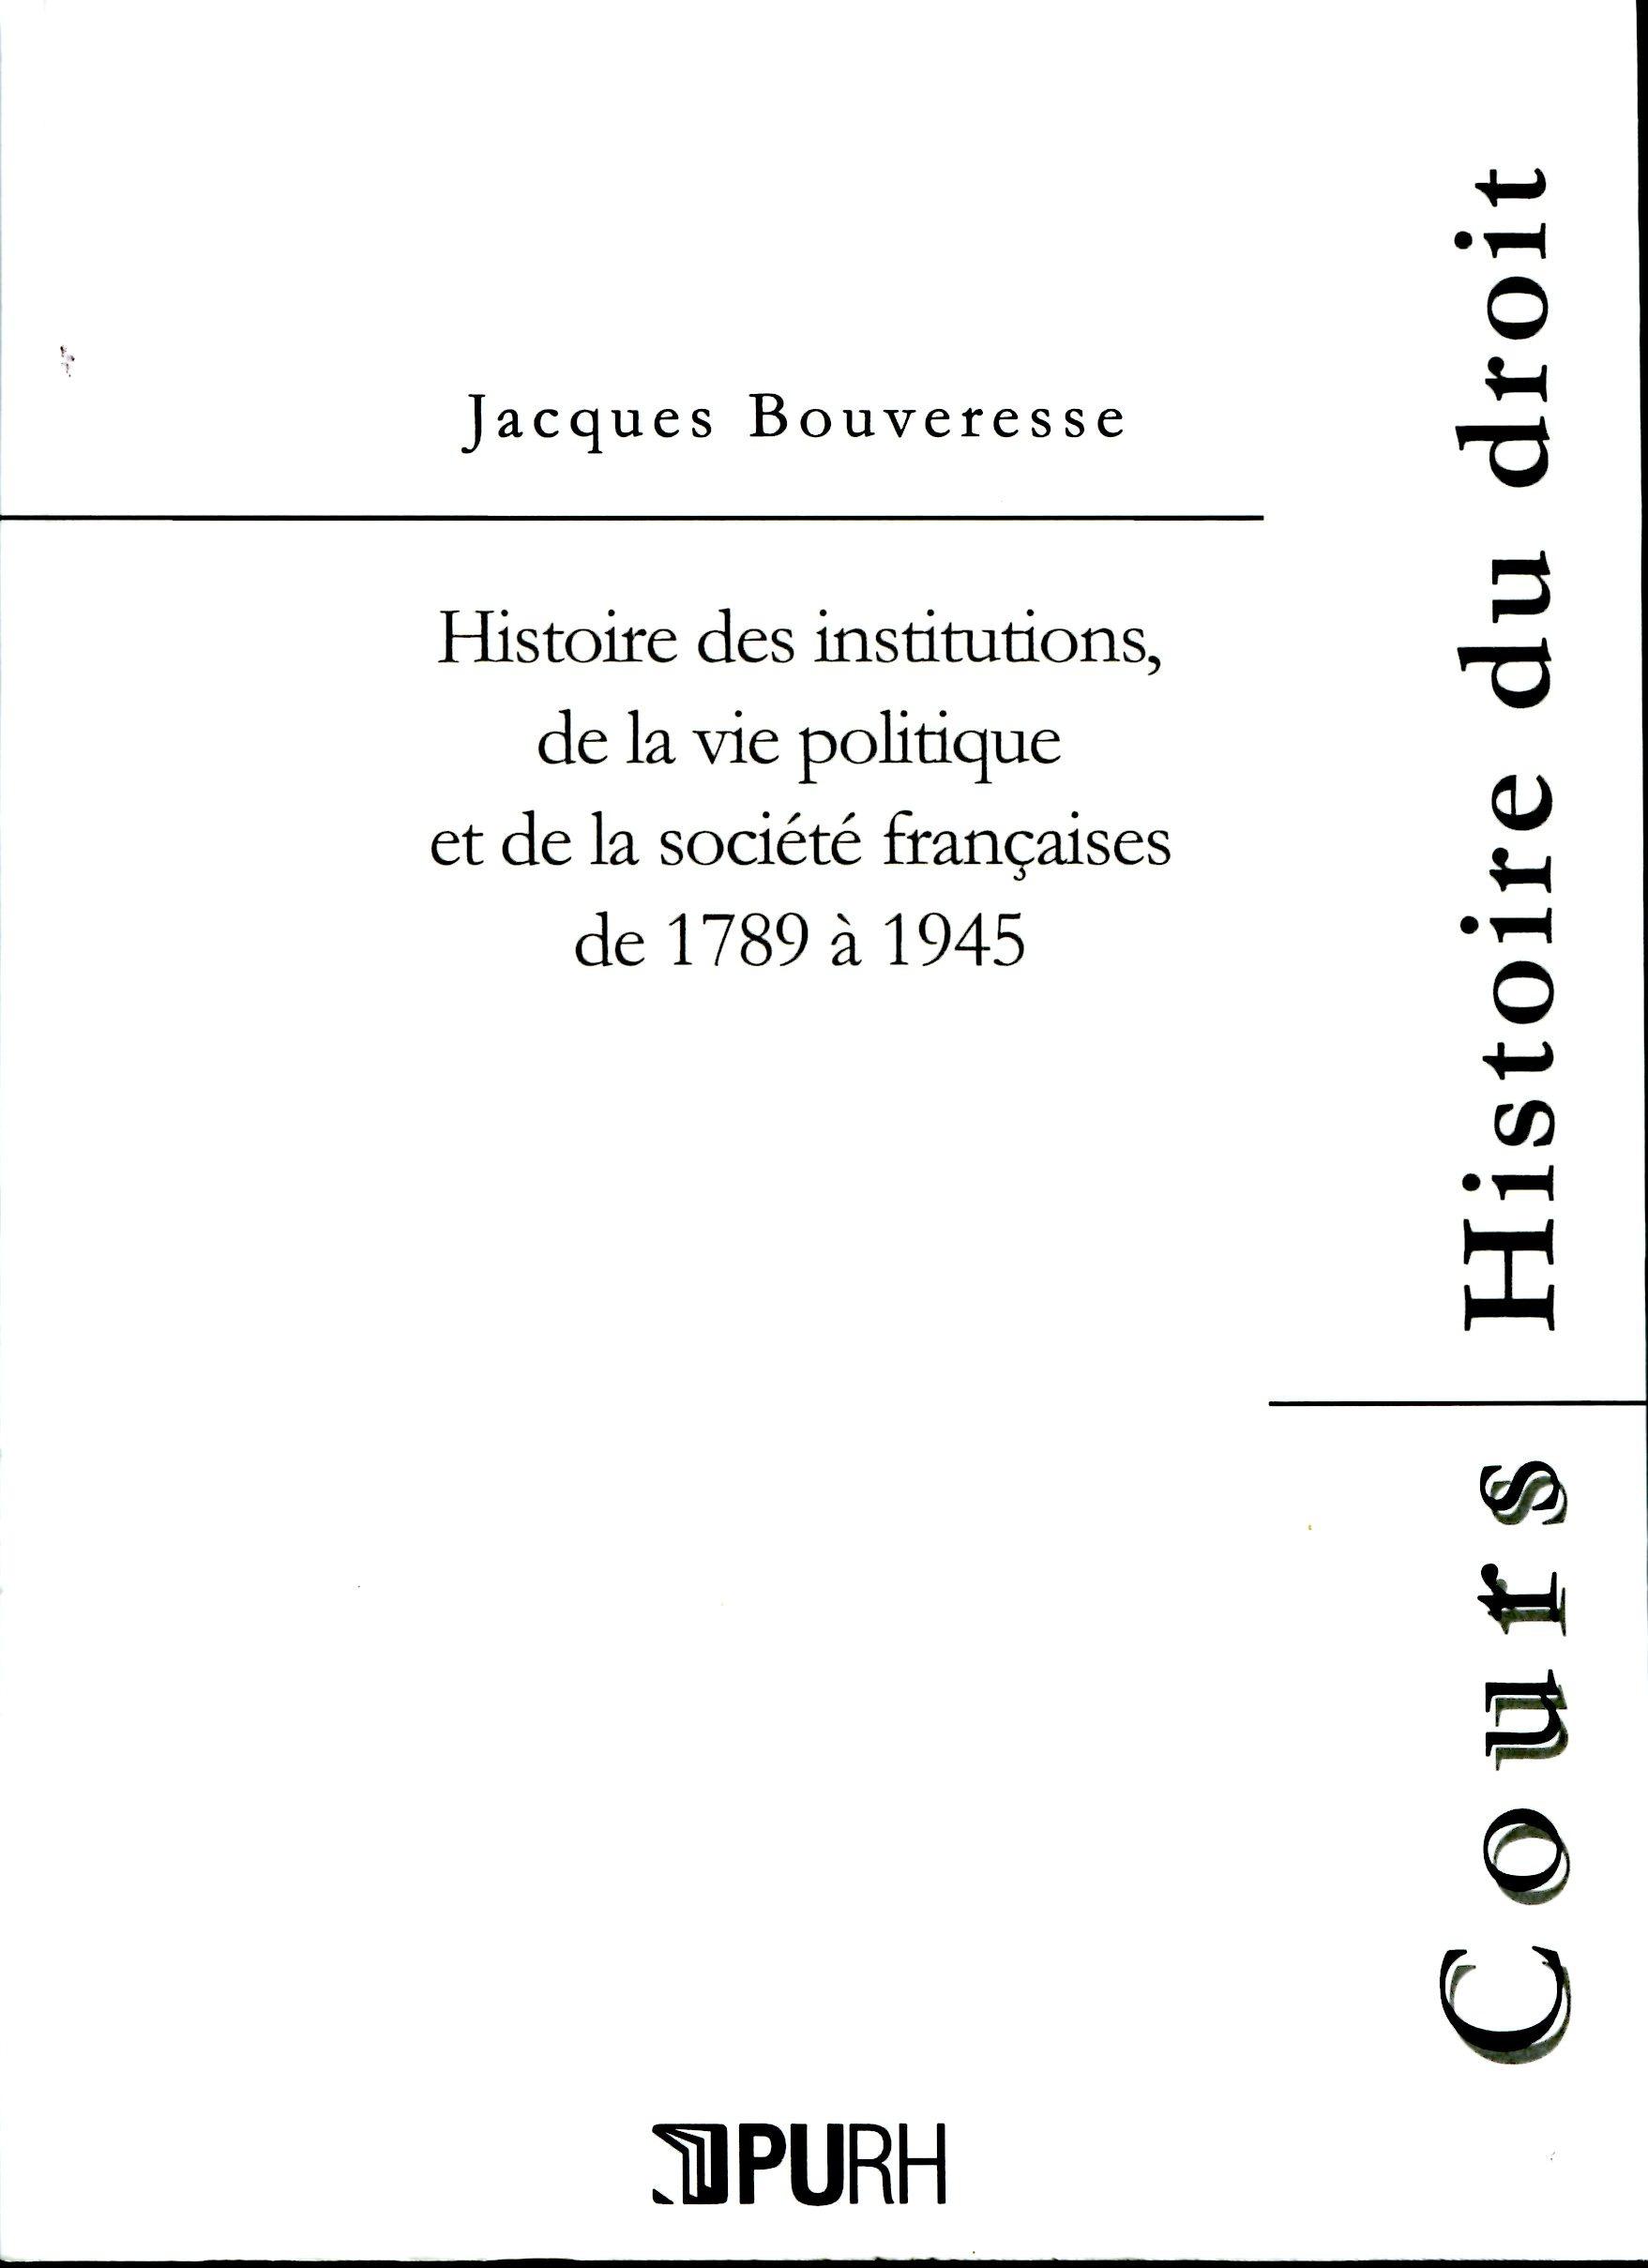 Histoire des institutions, de la vie politique et de la societe francaises de 1789 a 1945